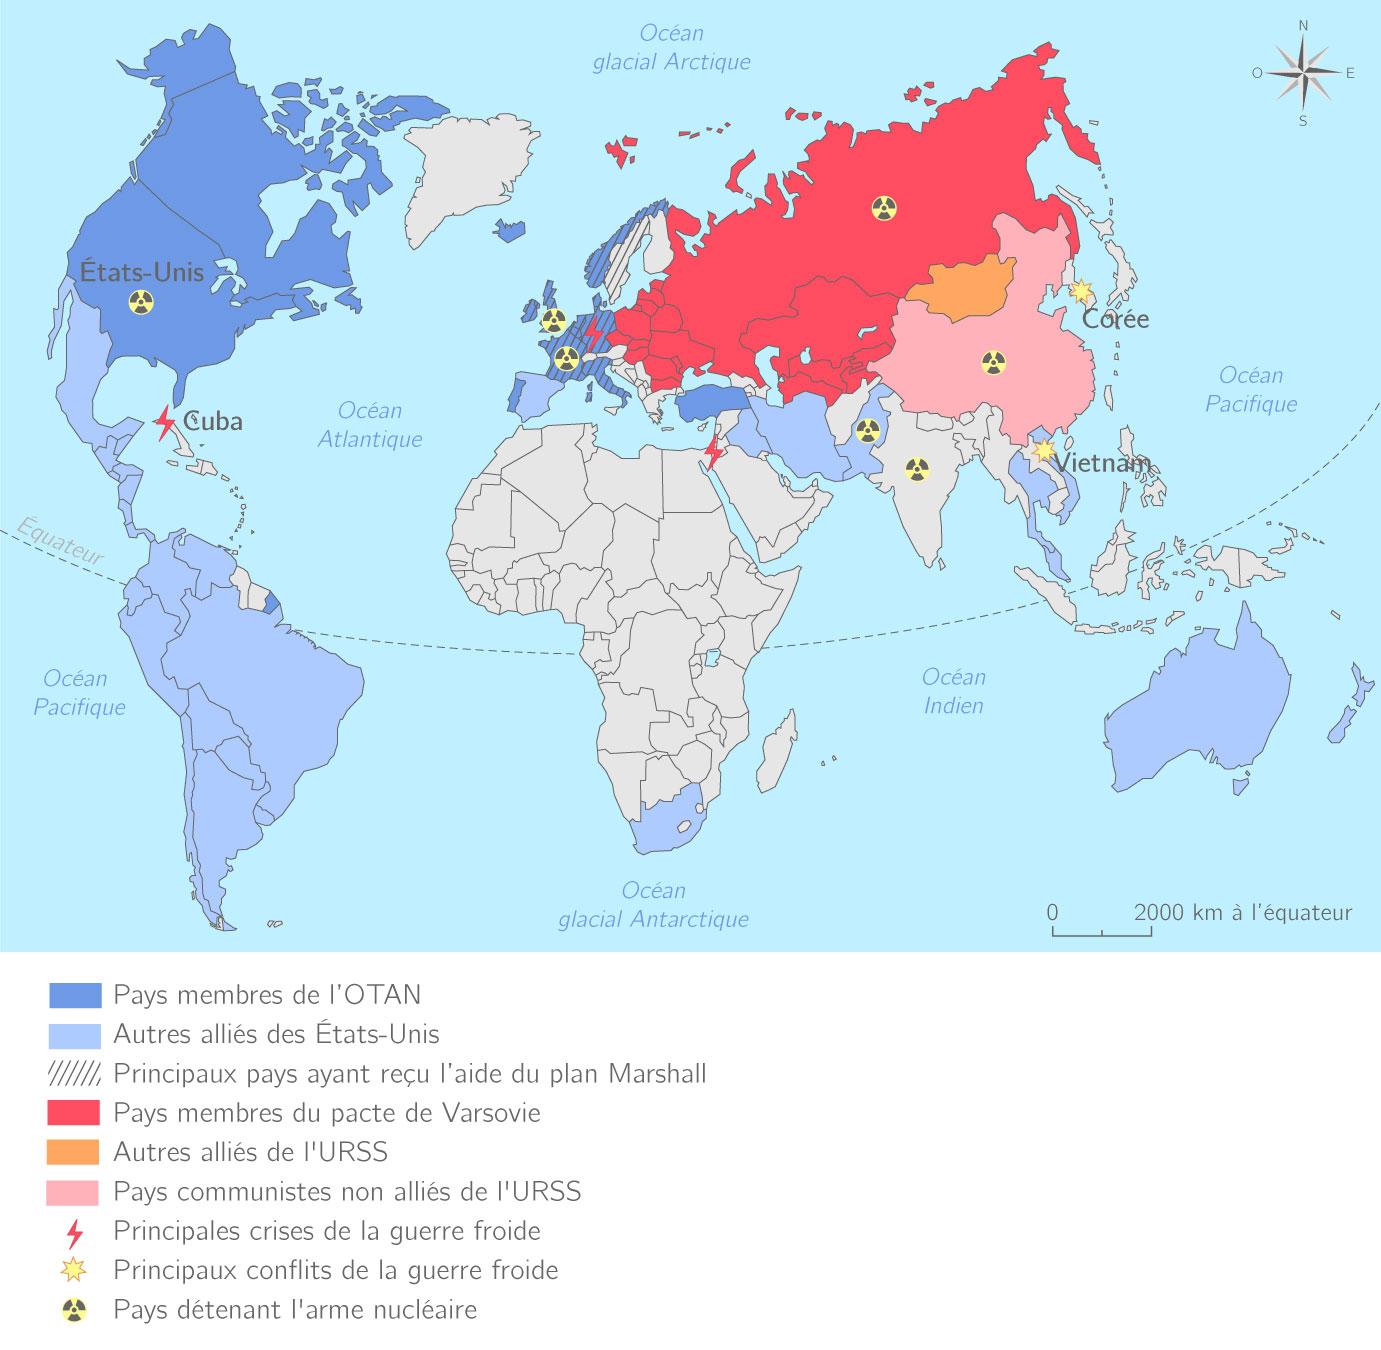 Carte Du Monde Pendant La Guerre Froide.Un Monde Bipolaire Au Temps De La Guerre Froide 3e Cours